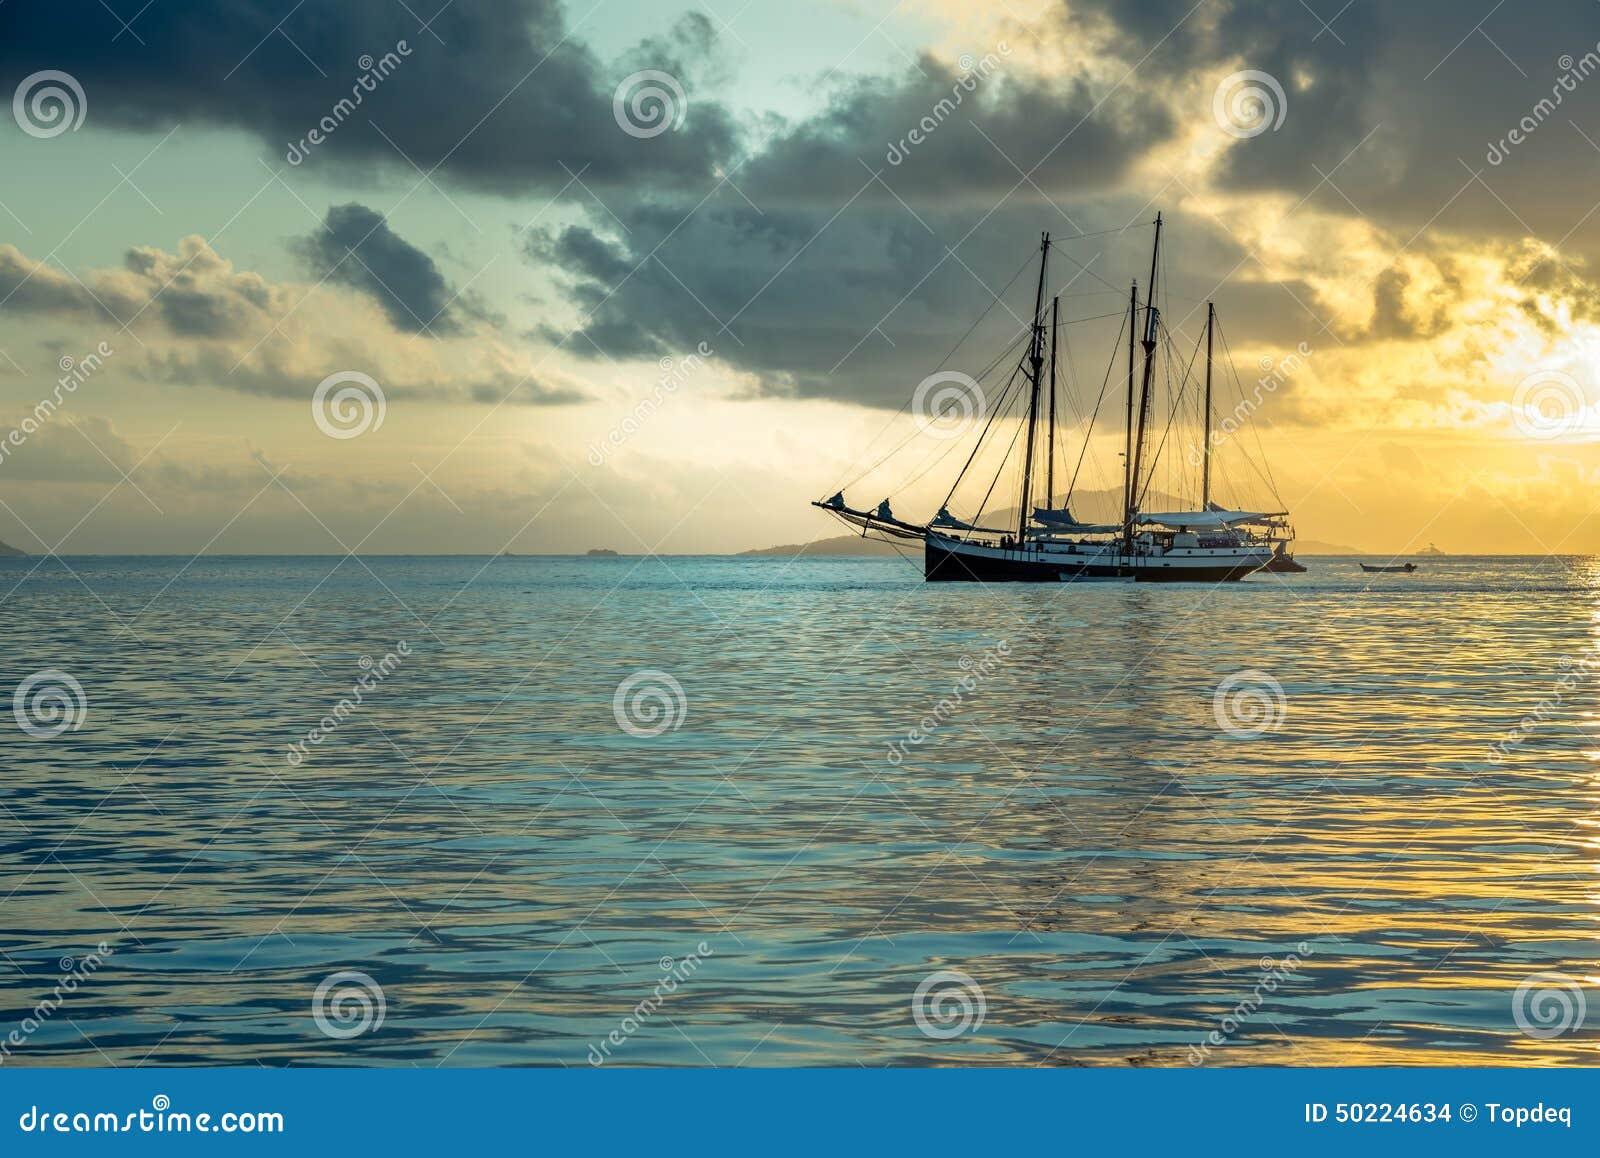 Recreatief Jacht in de Indische Oceaan